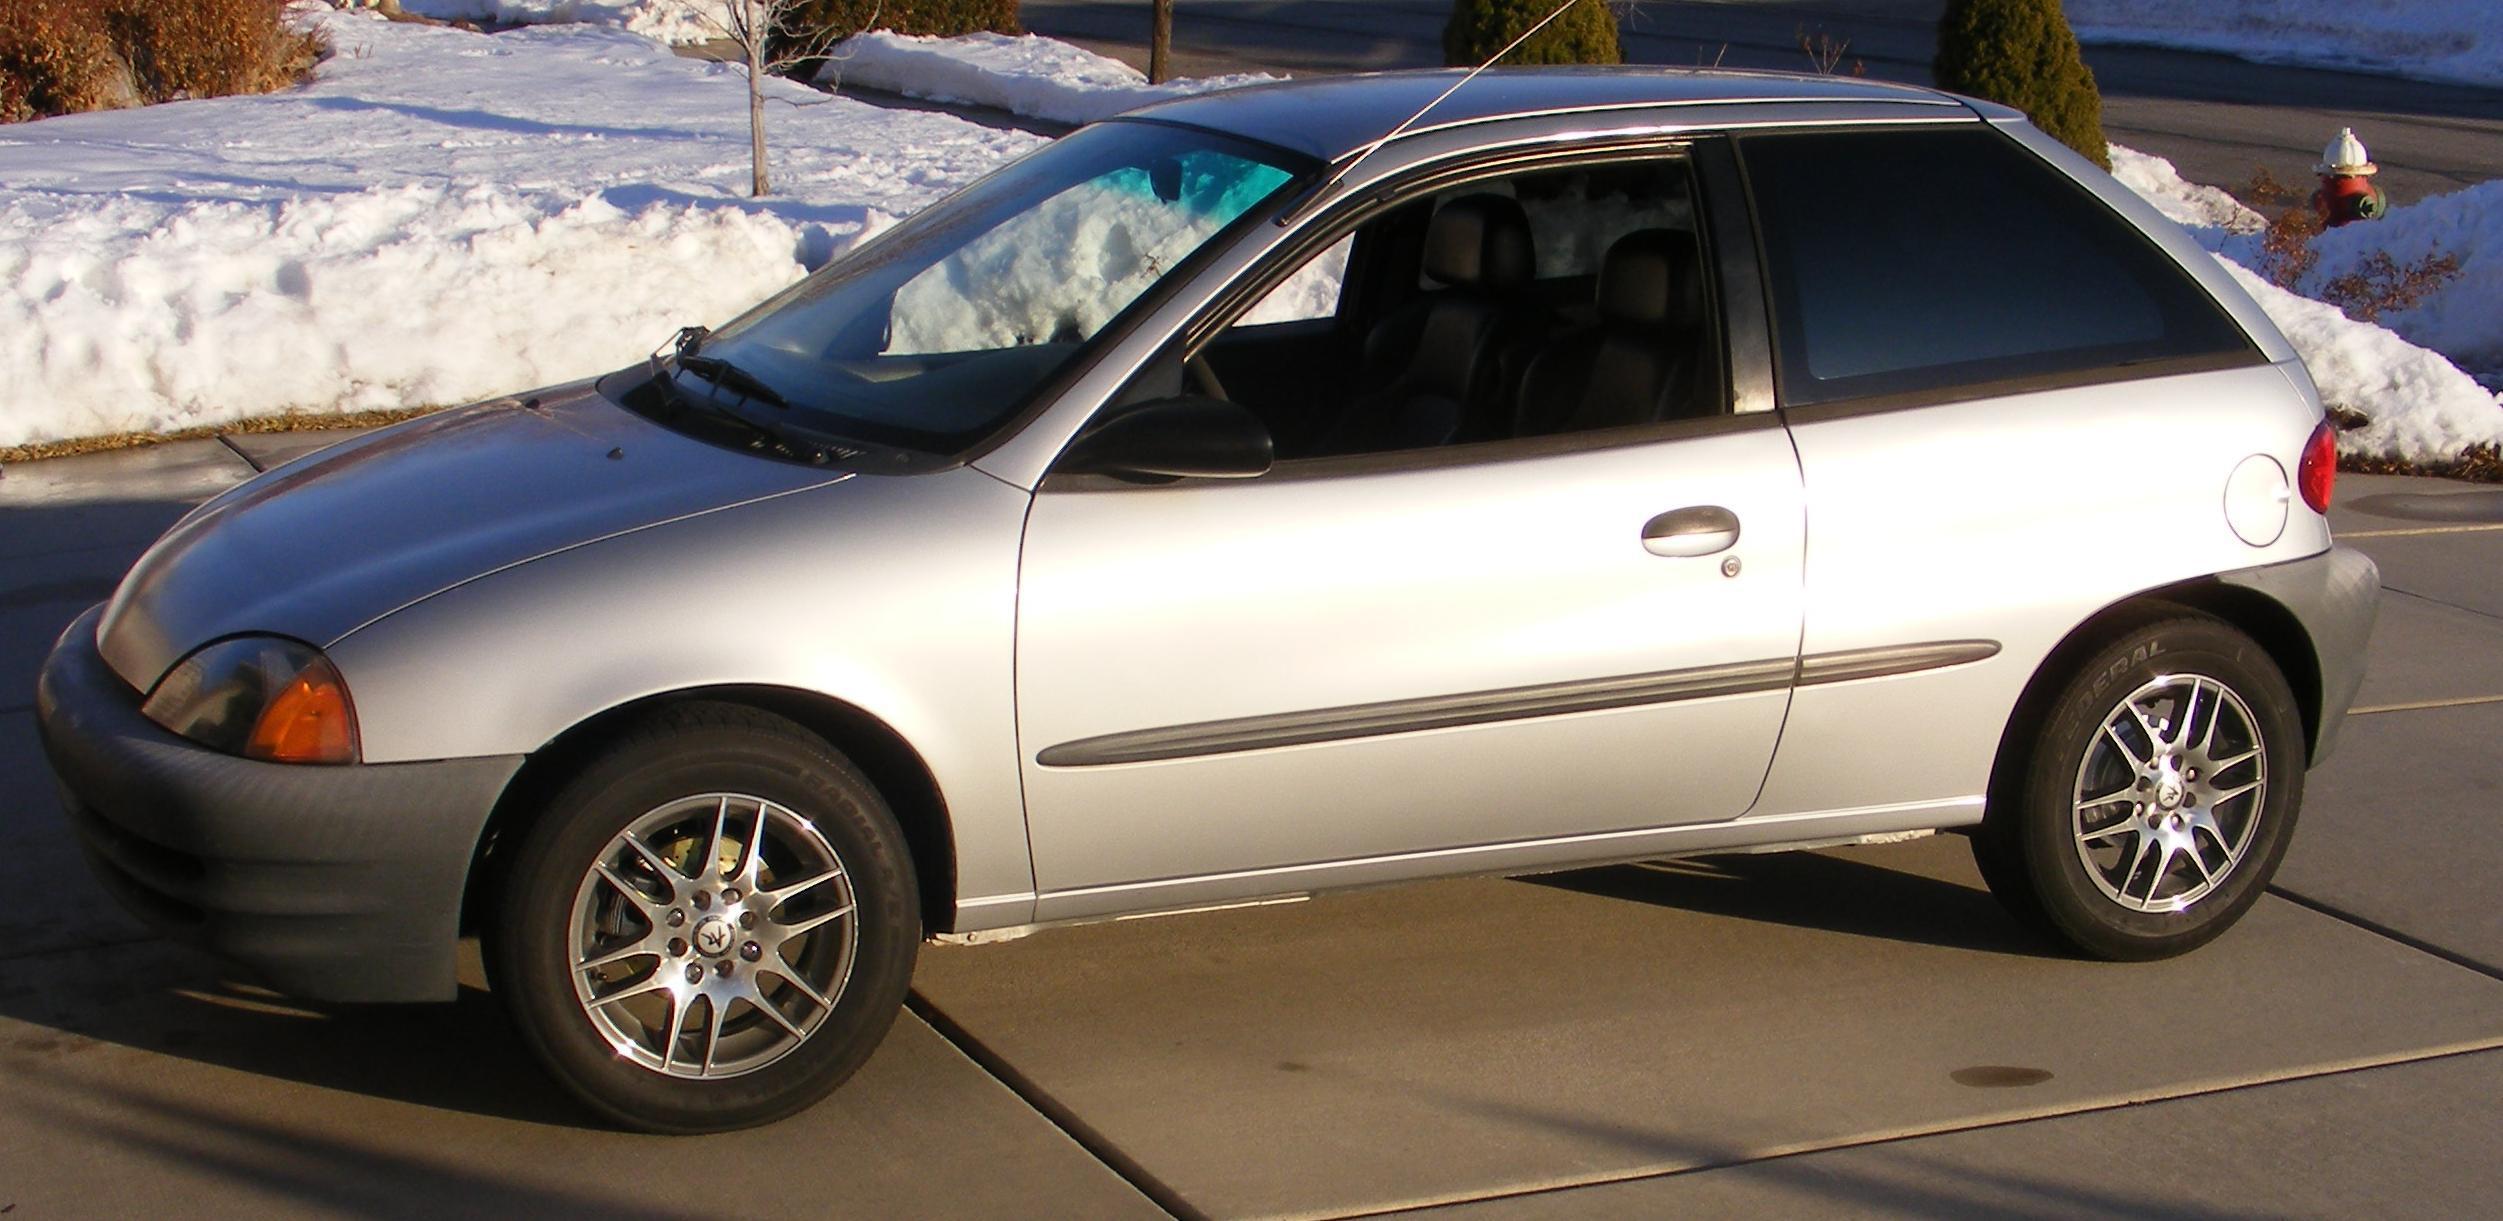 2000 Chevrolet Metro Image 17